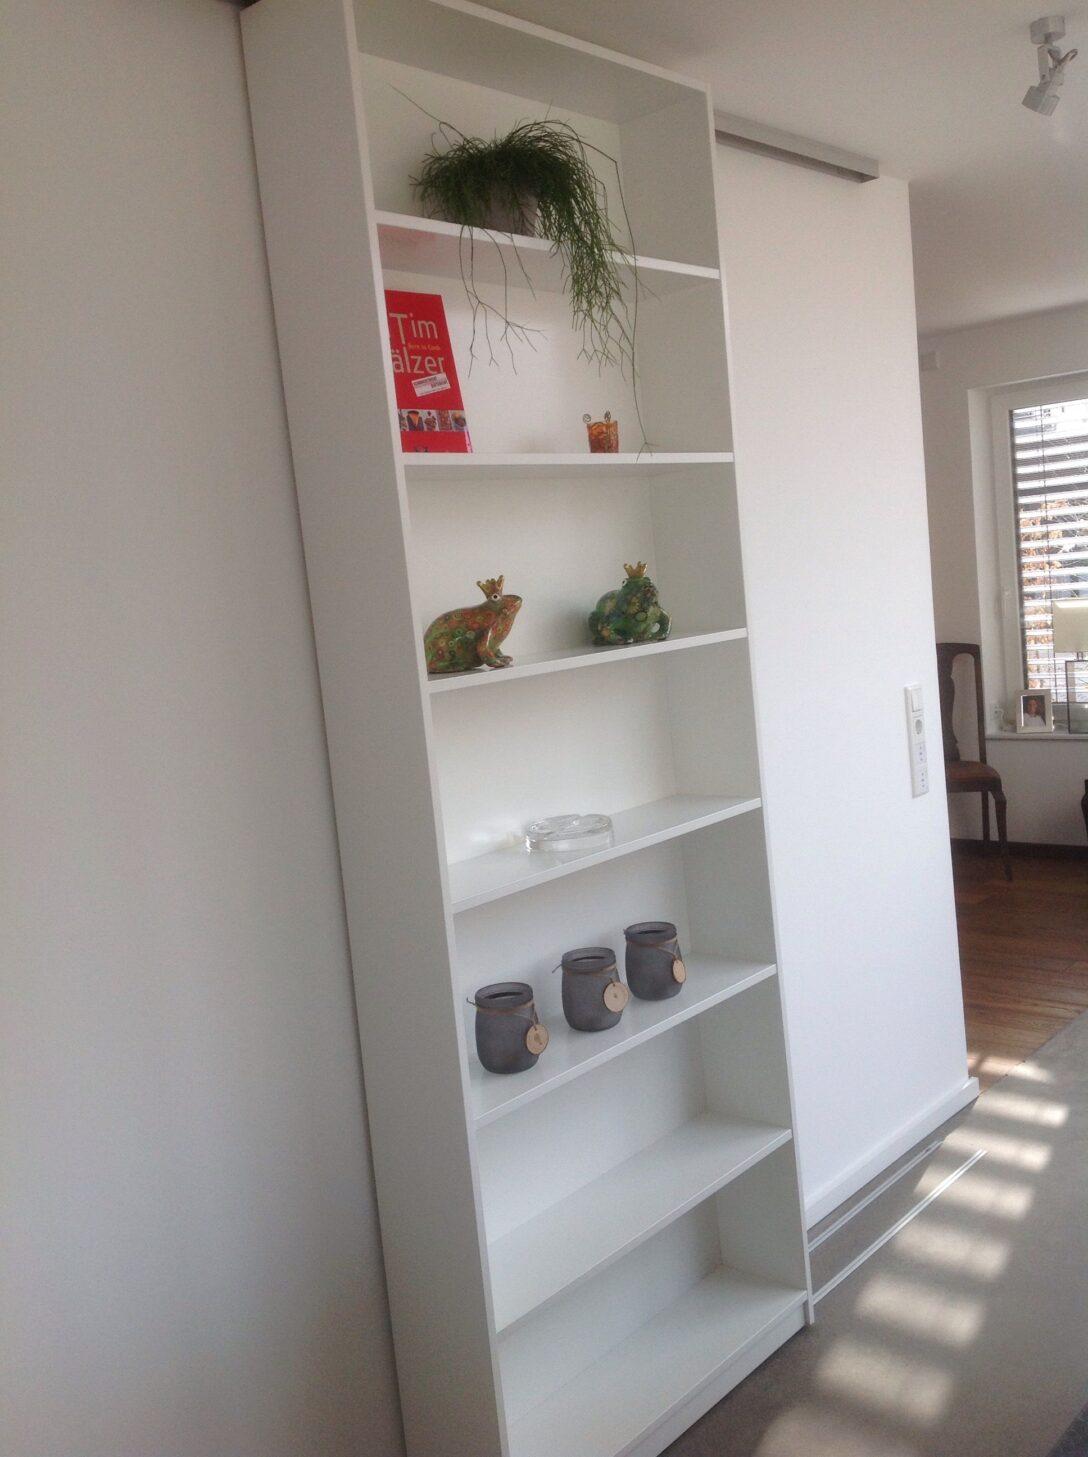 Large Size of Ikea Hauswirtschaftsraum Planen Abstellraum Einrichten Badezimmer Sofa Mit Schlaffunktion Modulküche Küche Kaufen Betten Bei Miniküche Kosten Kostenlos Bad Wohnzimmer Ikea Hauswirtschaftsraum Planen